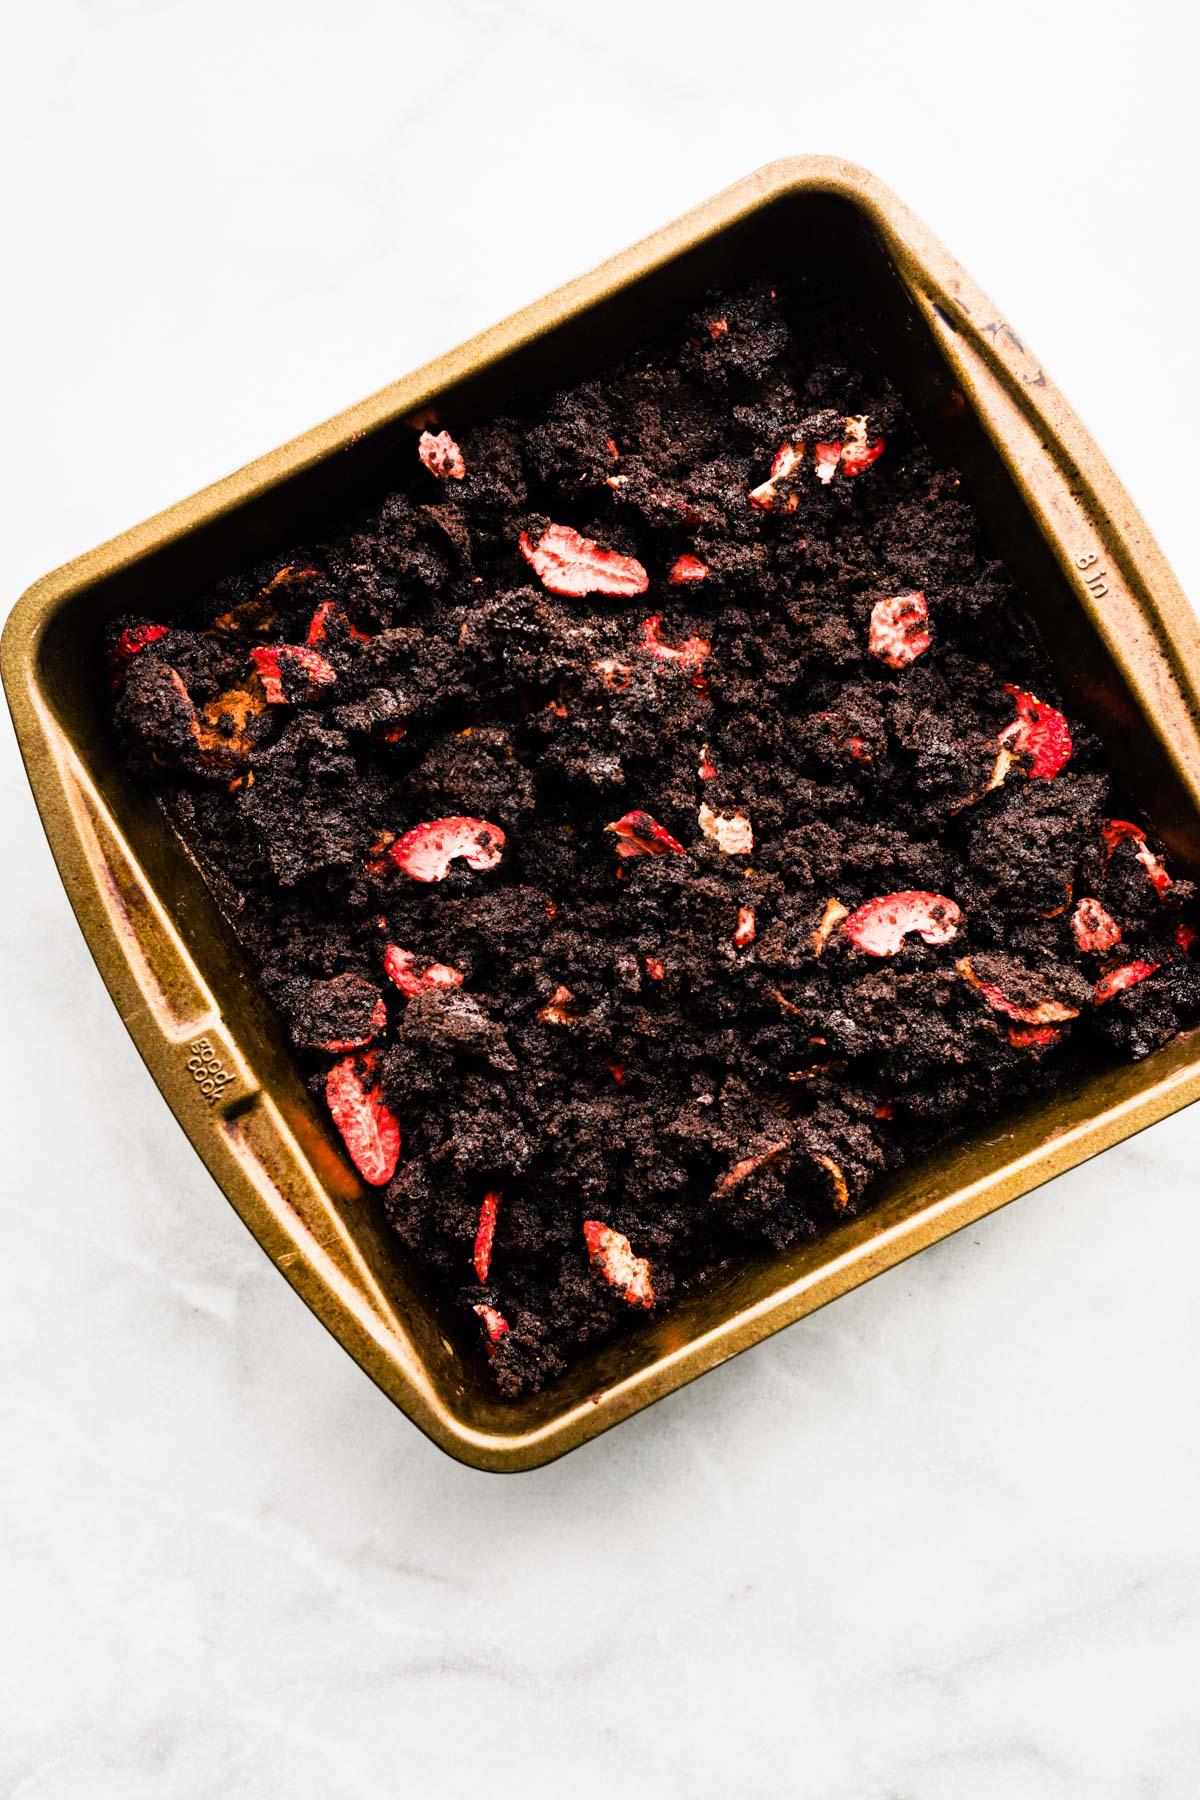 overhead: pan of grain free brownies with strawberries